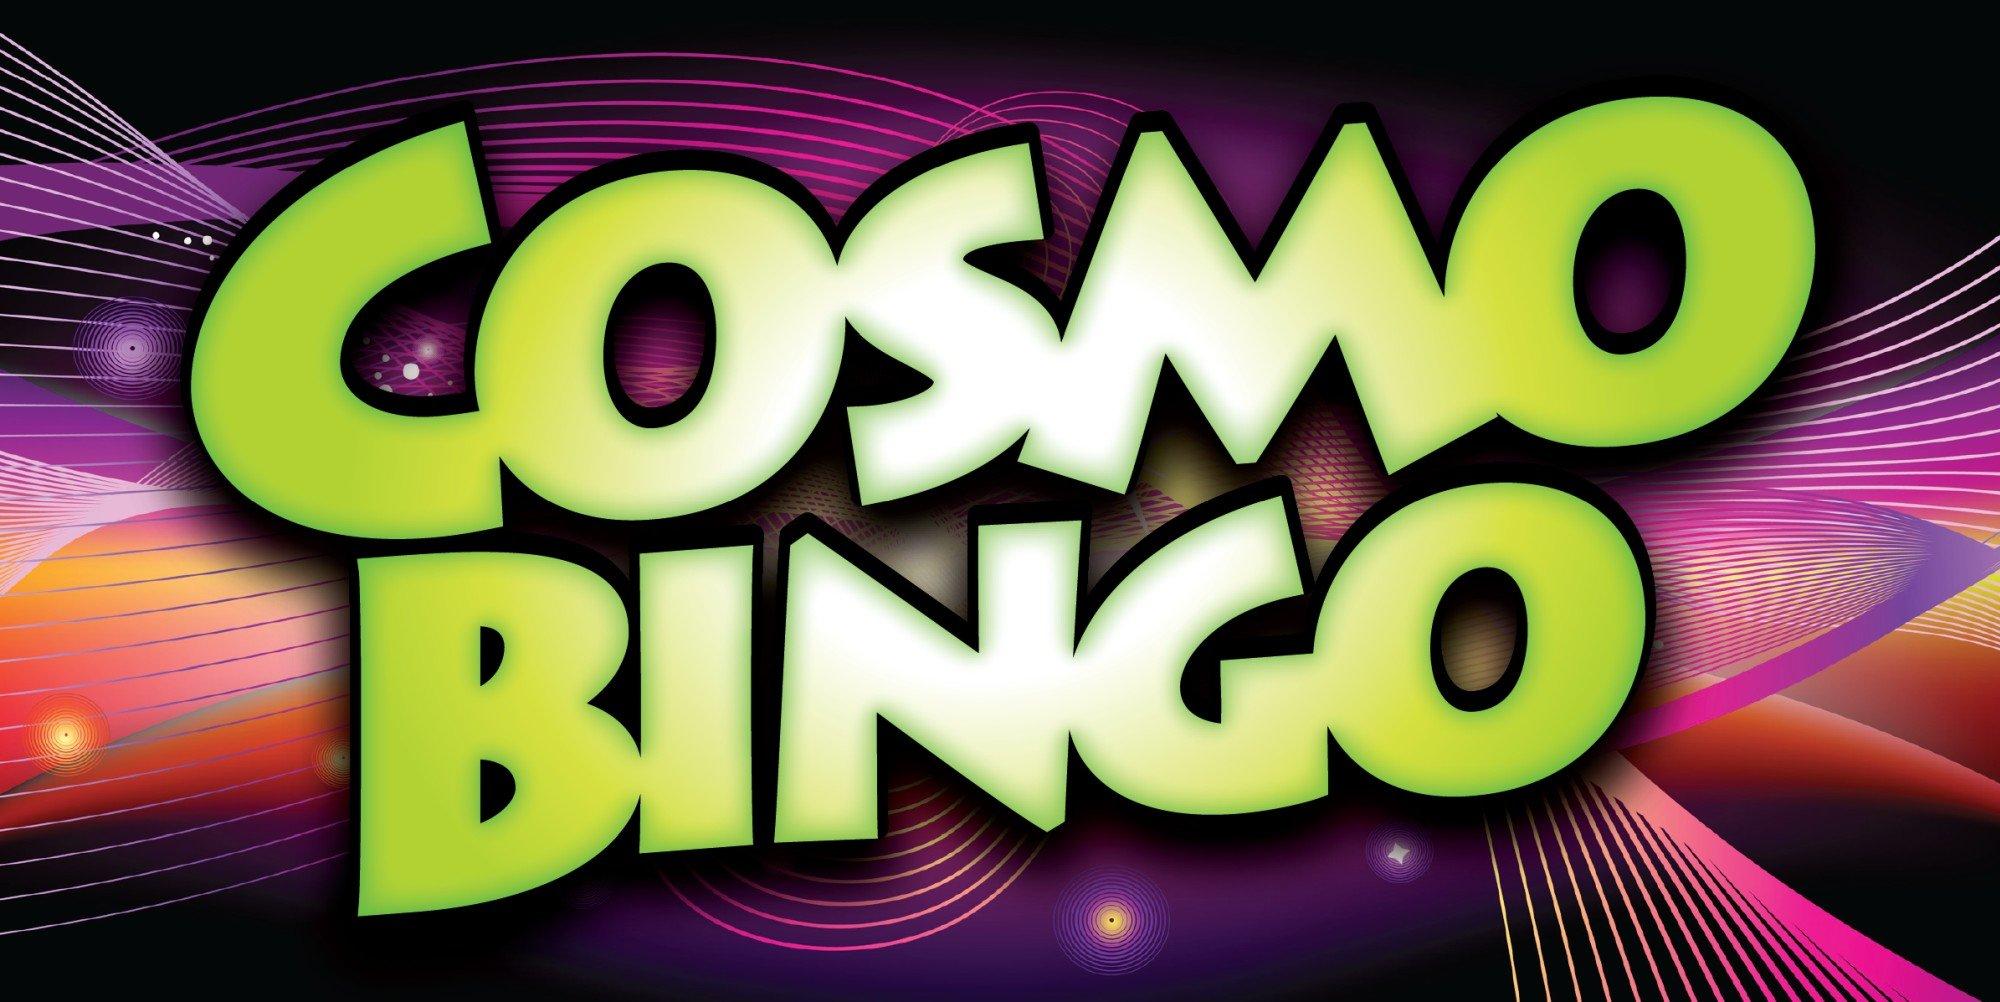 Cosmo Bingo-May '17 Web Image